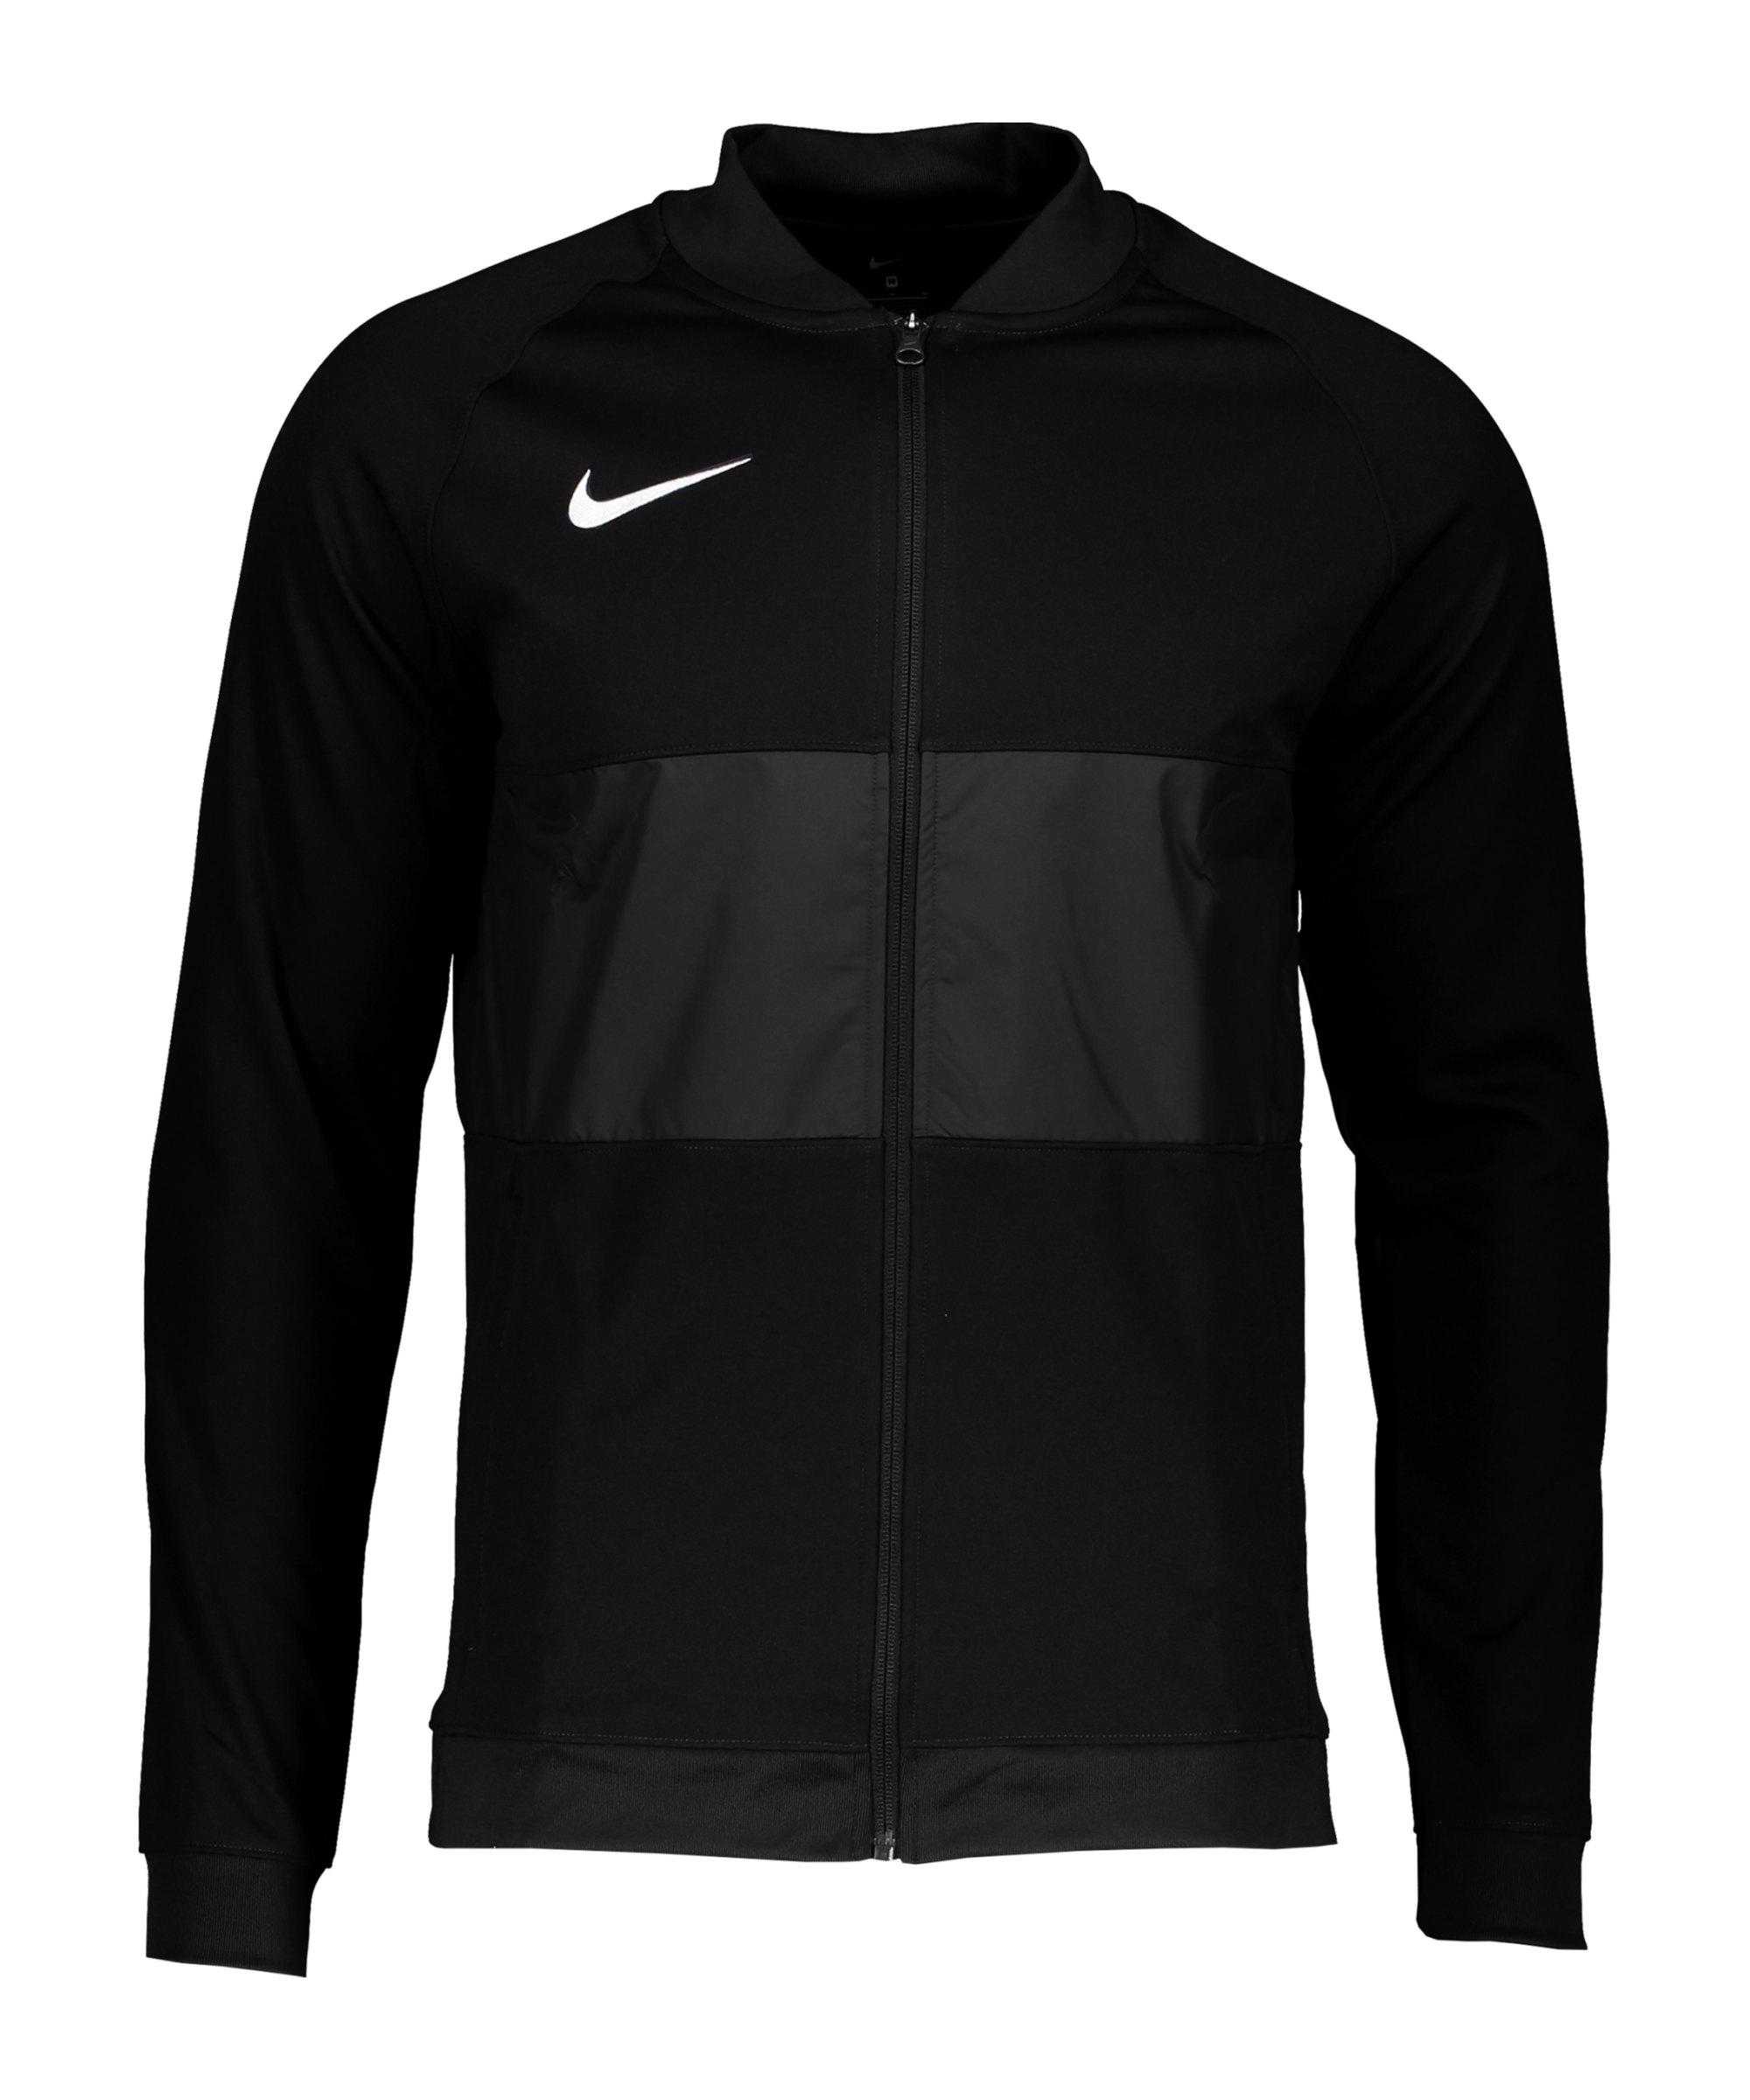 Nike Strike 21 Anthem Jacke Schwarz Weiss F010 - schwarz